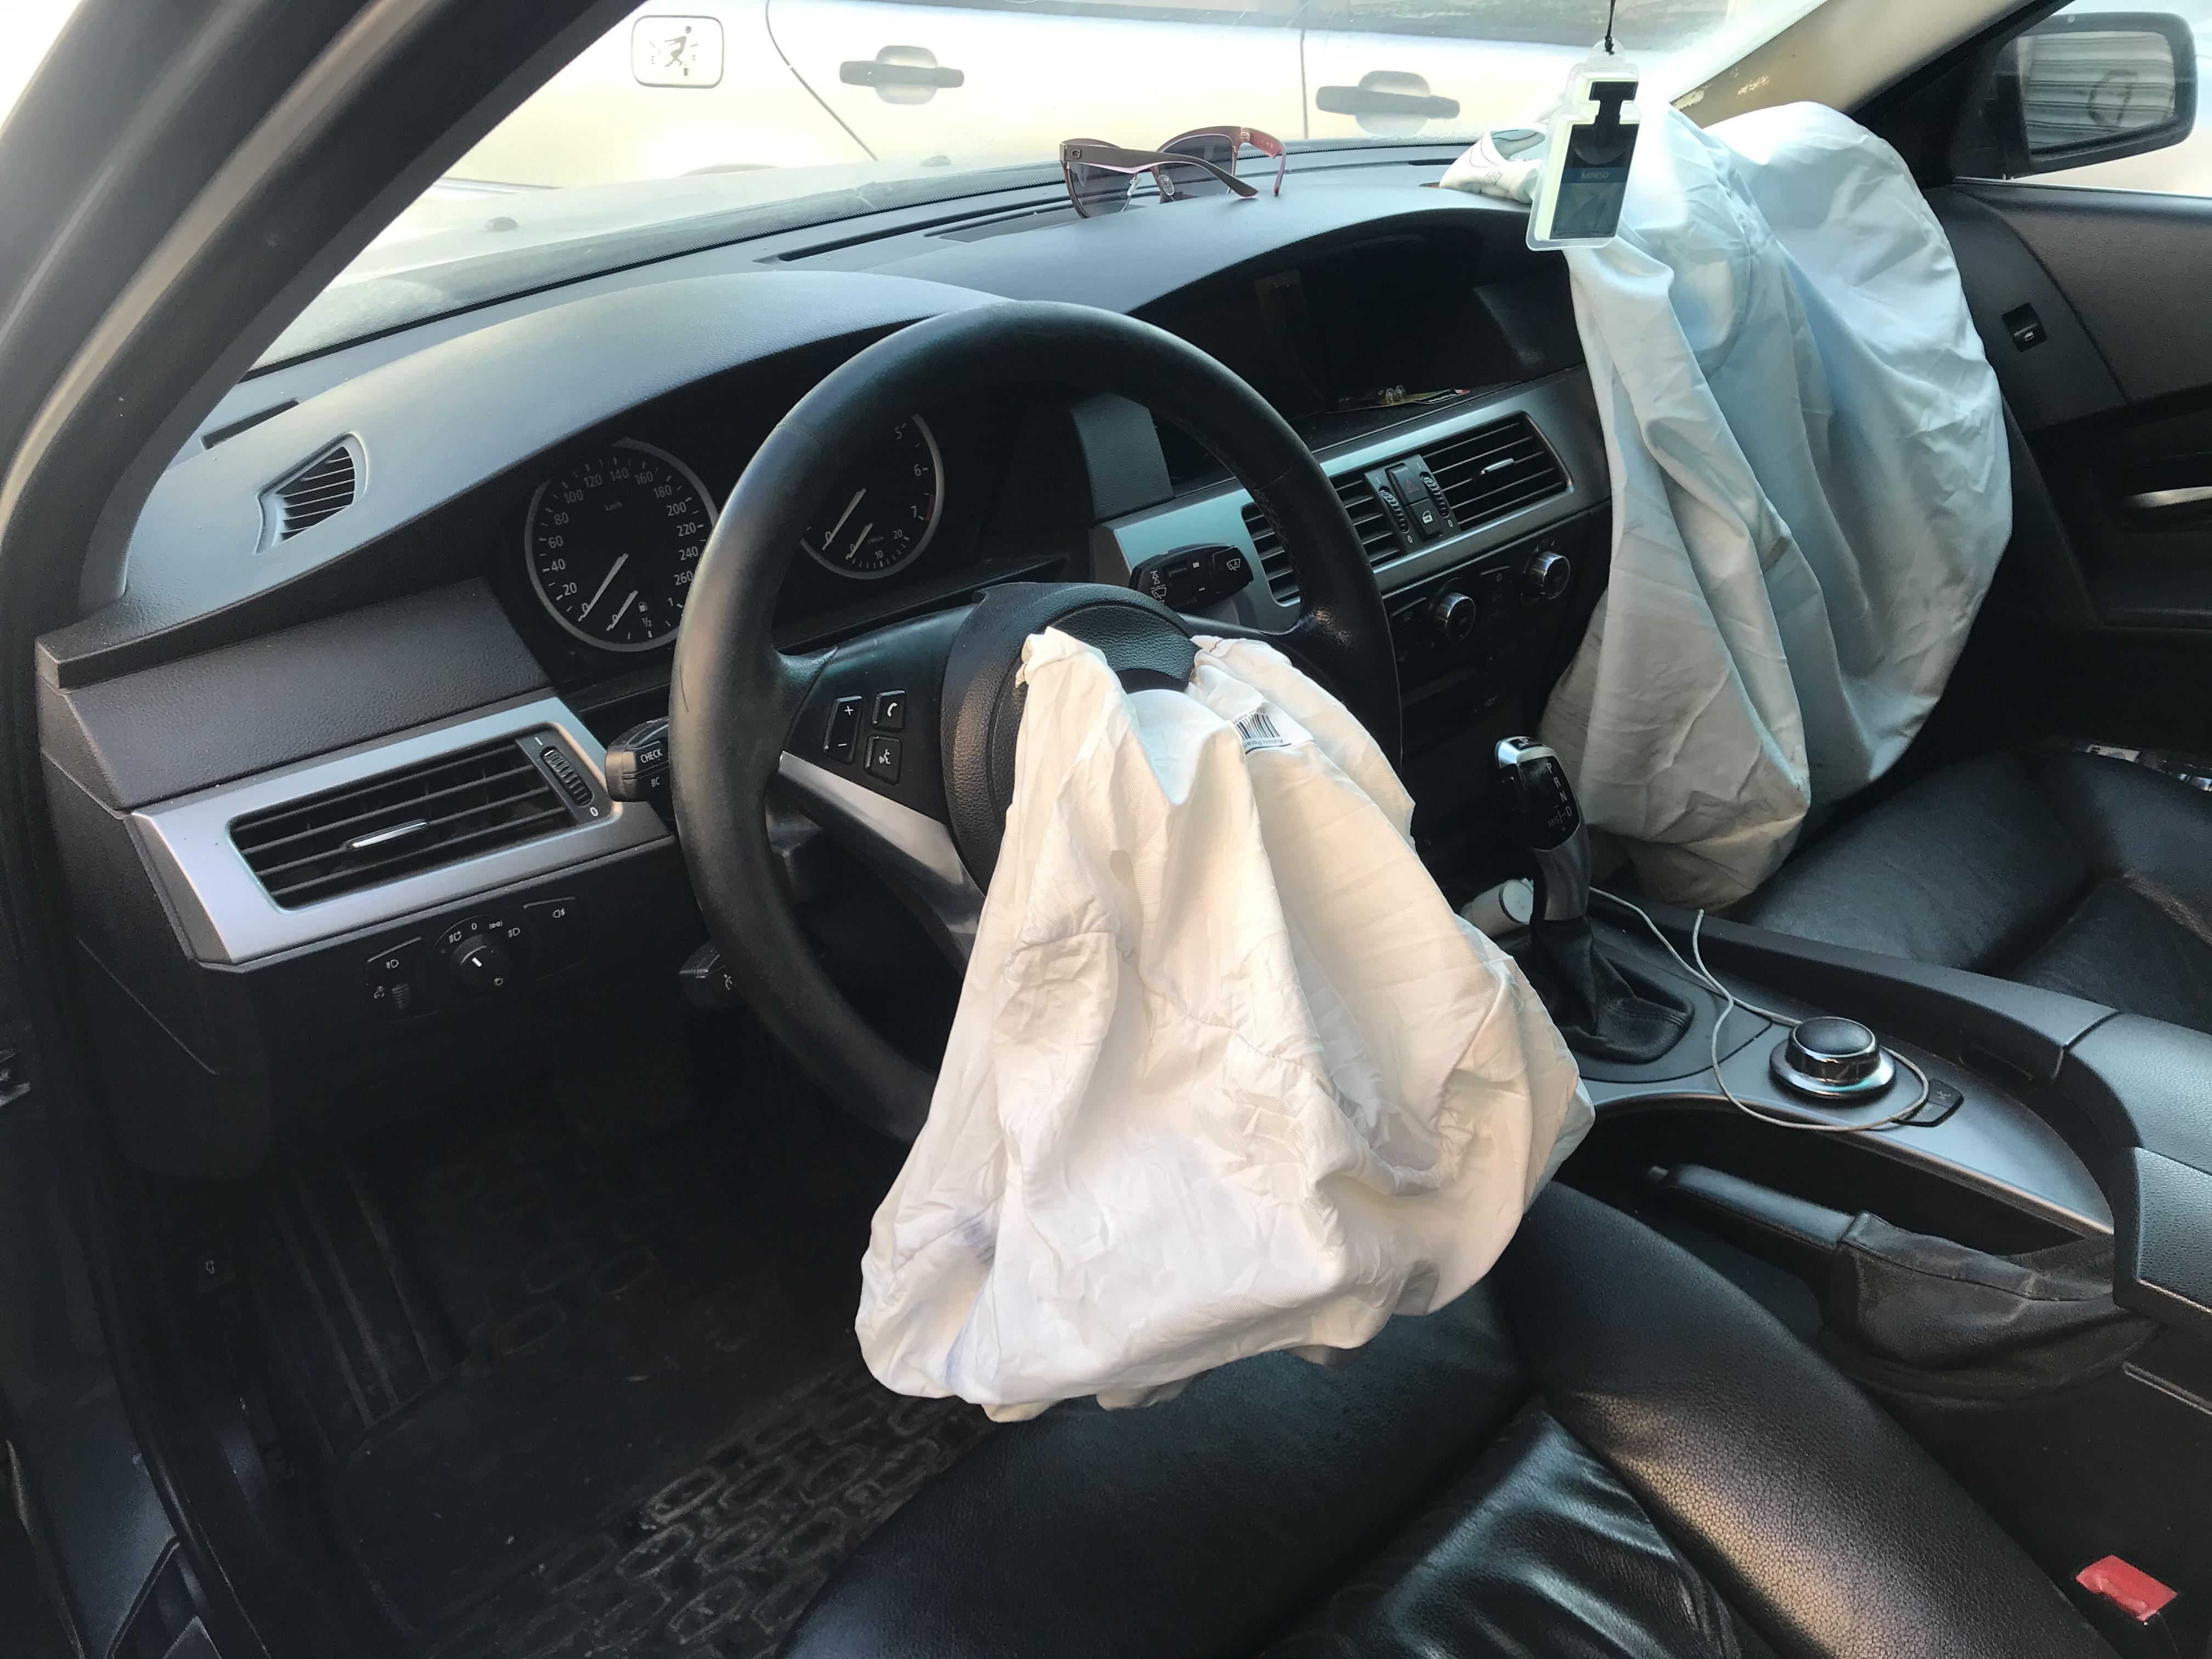 BMW 523 2.5(lt) 2005 İkinci əl  $6500